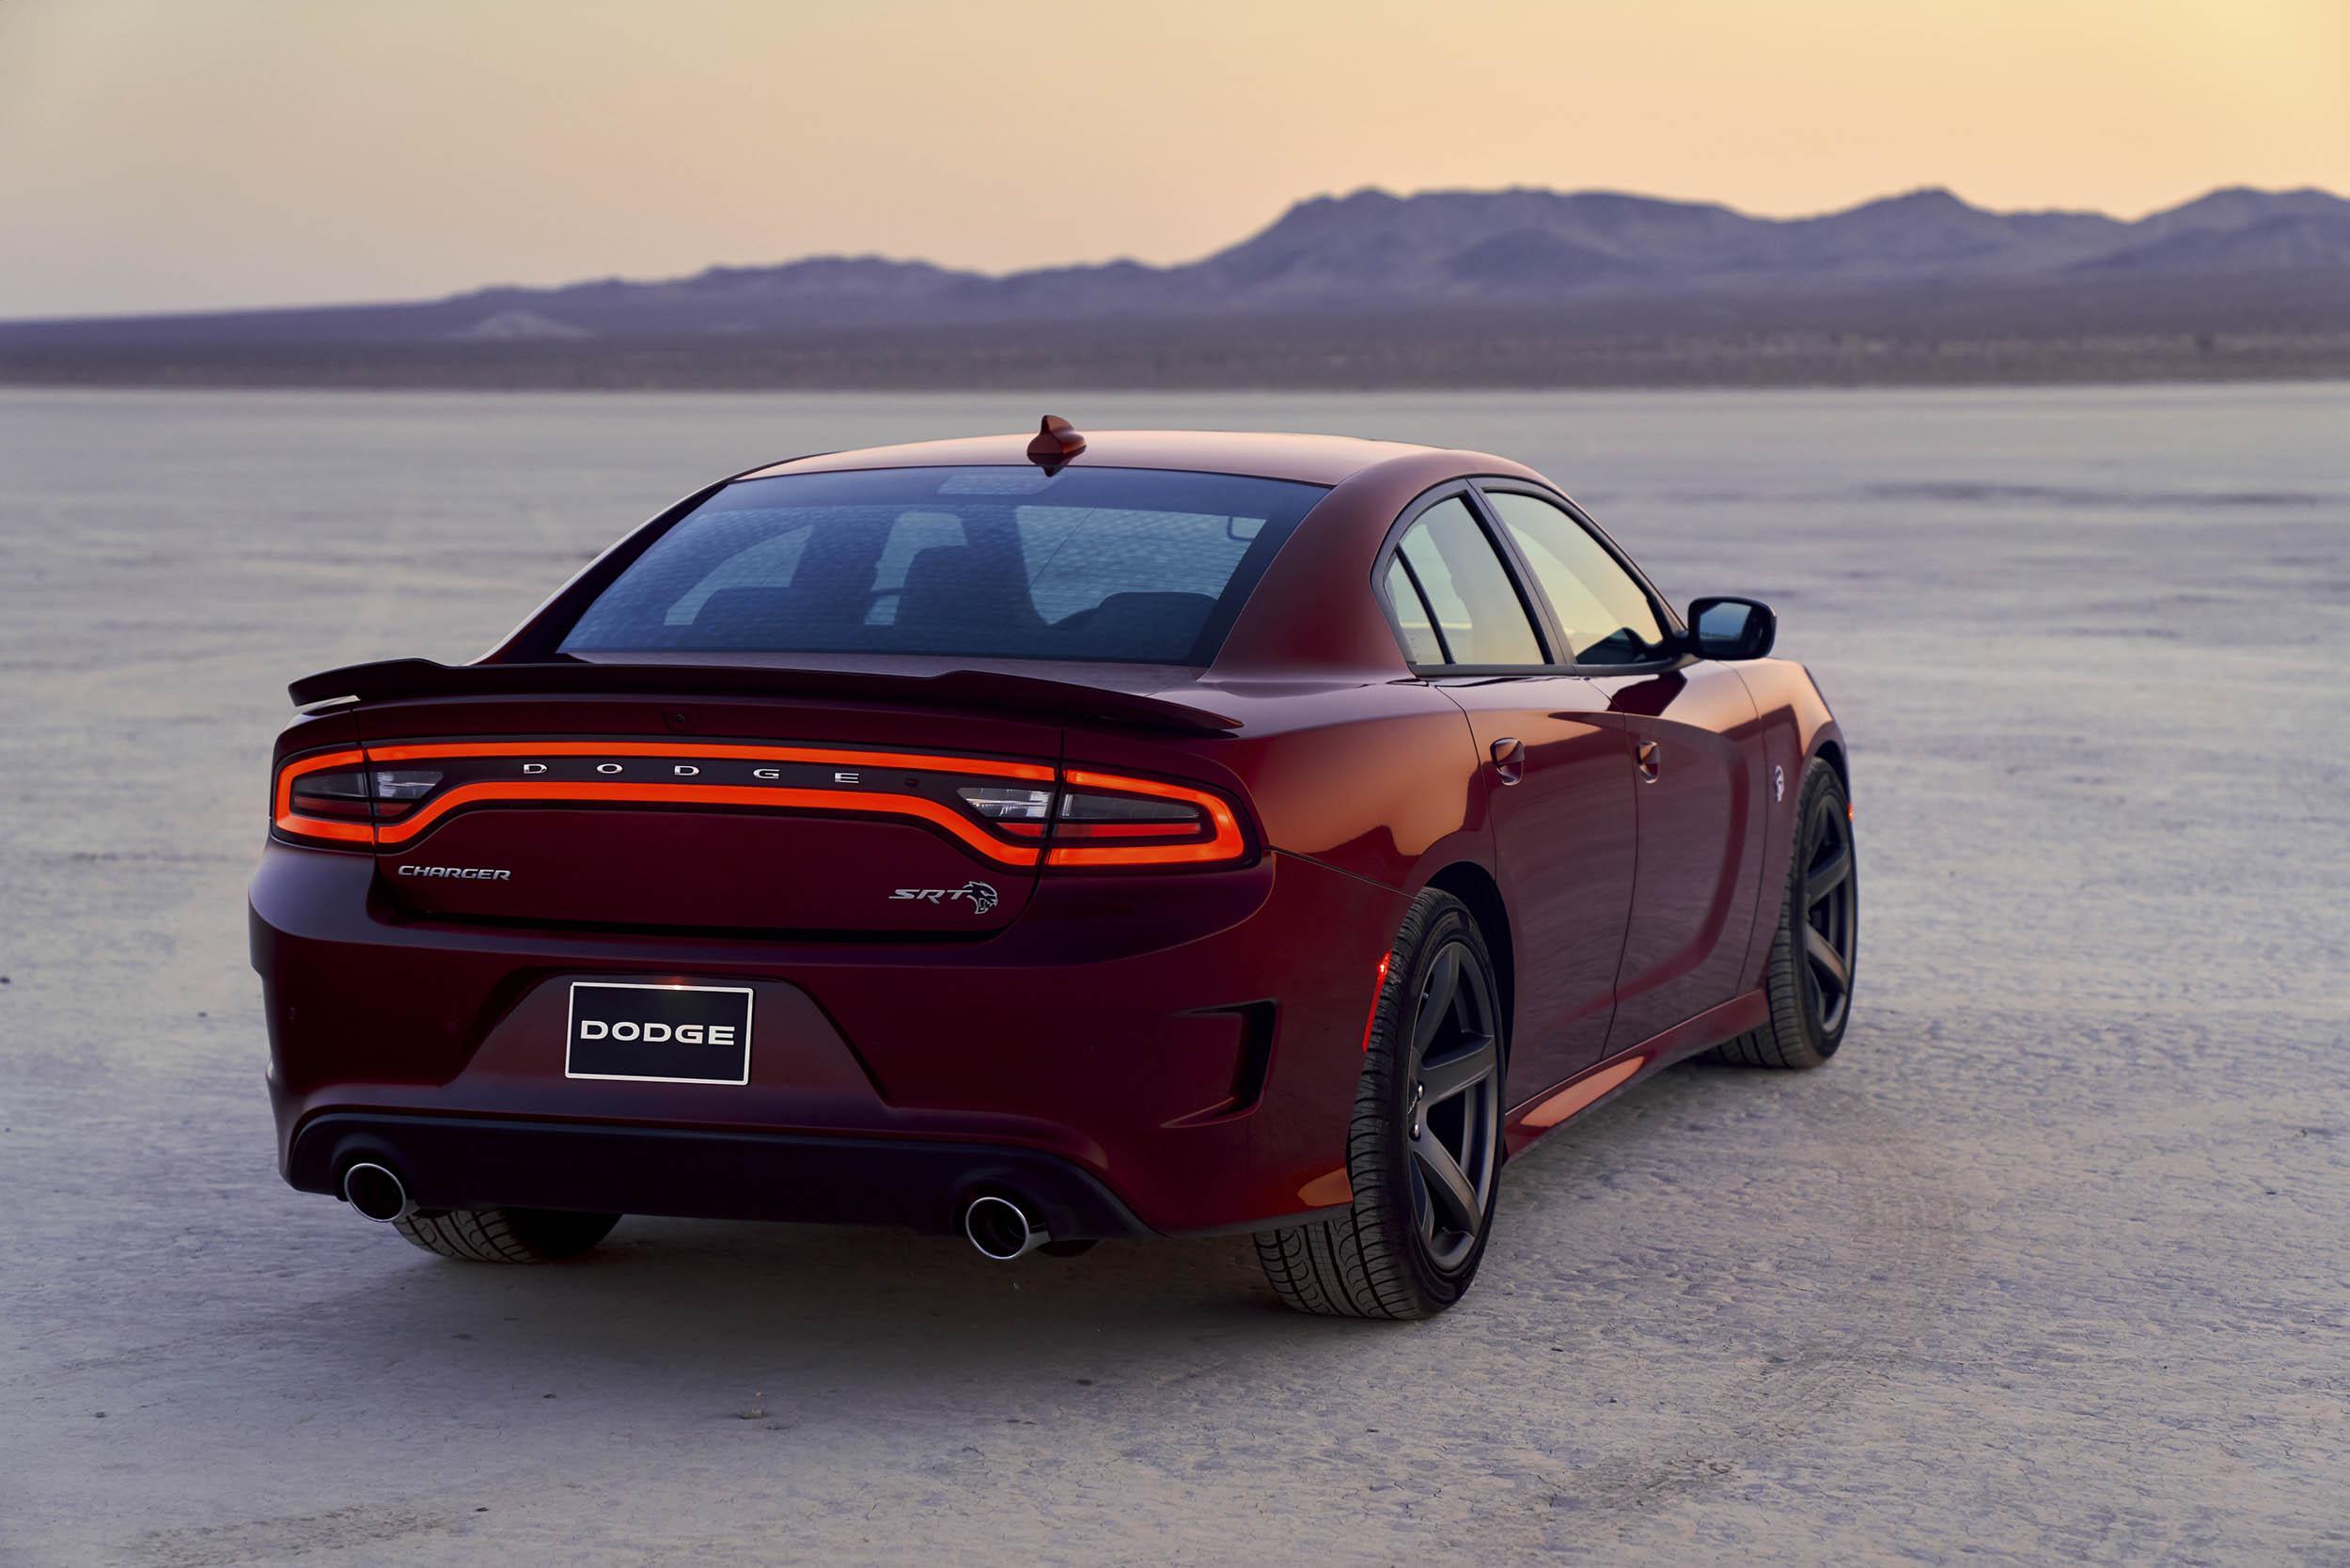 2019 Dodge Charger SRT Hellcat back